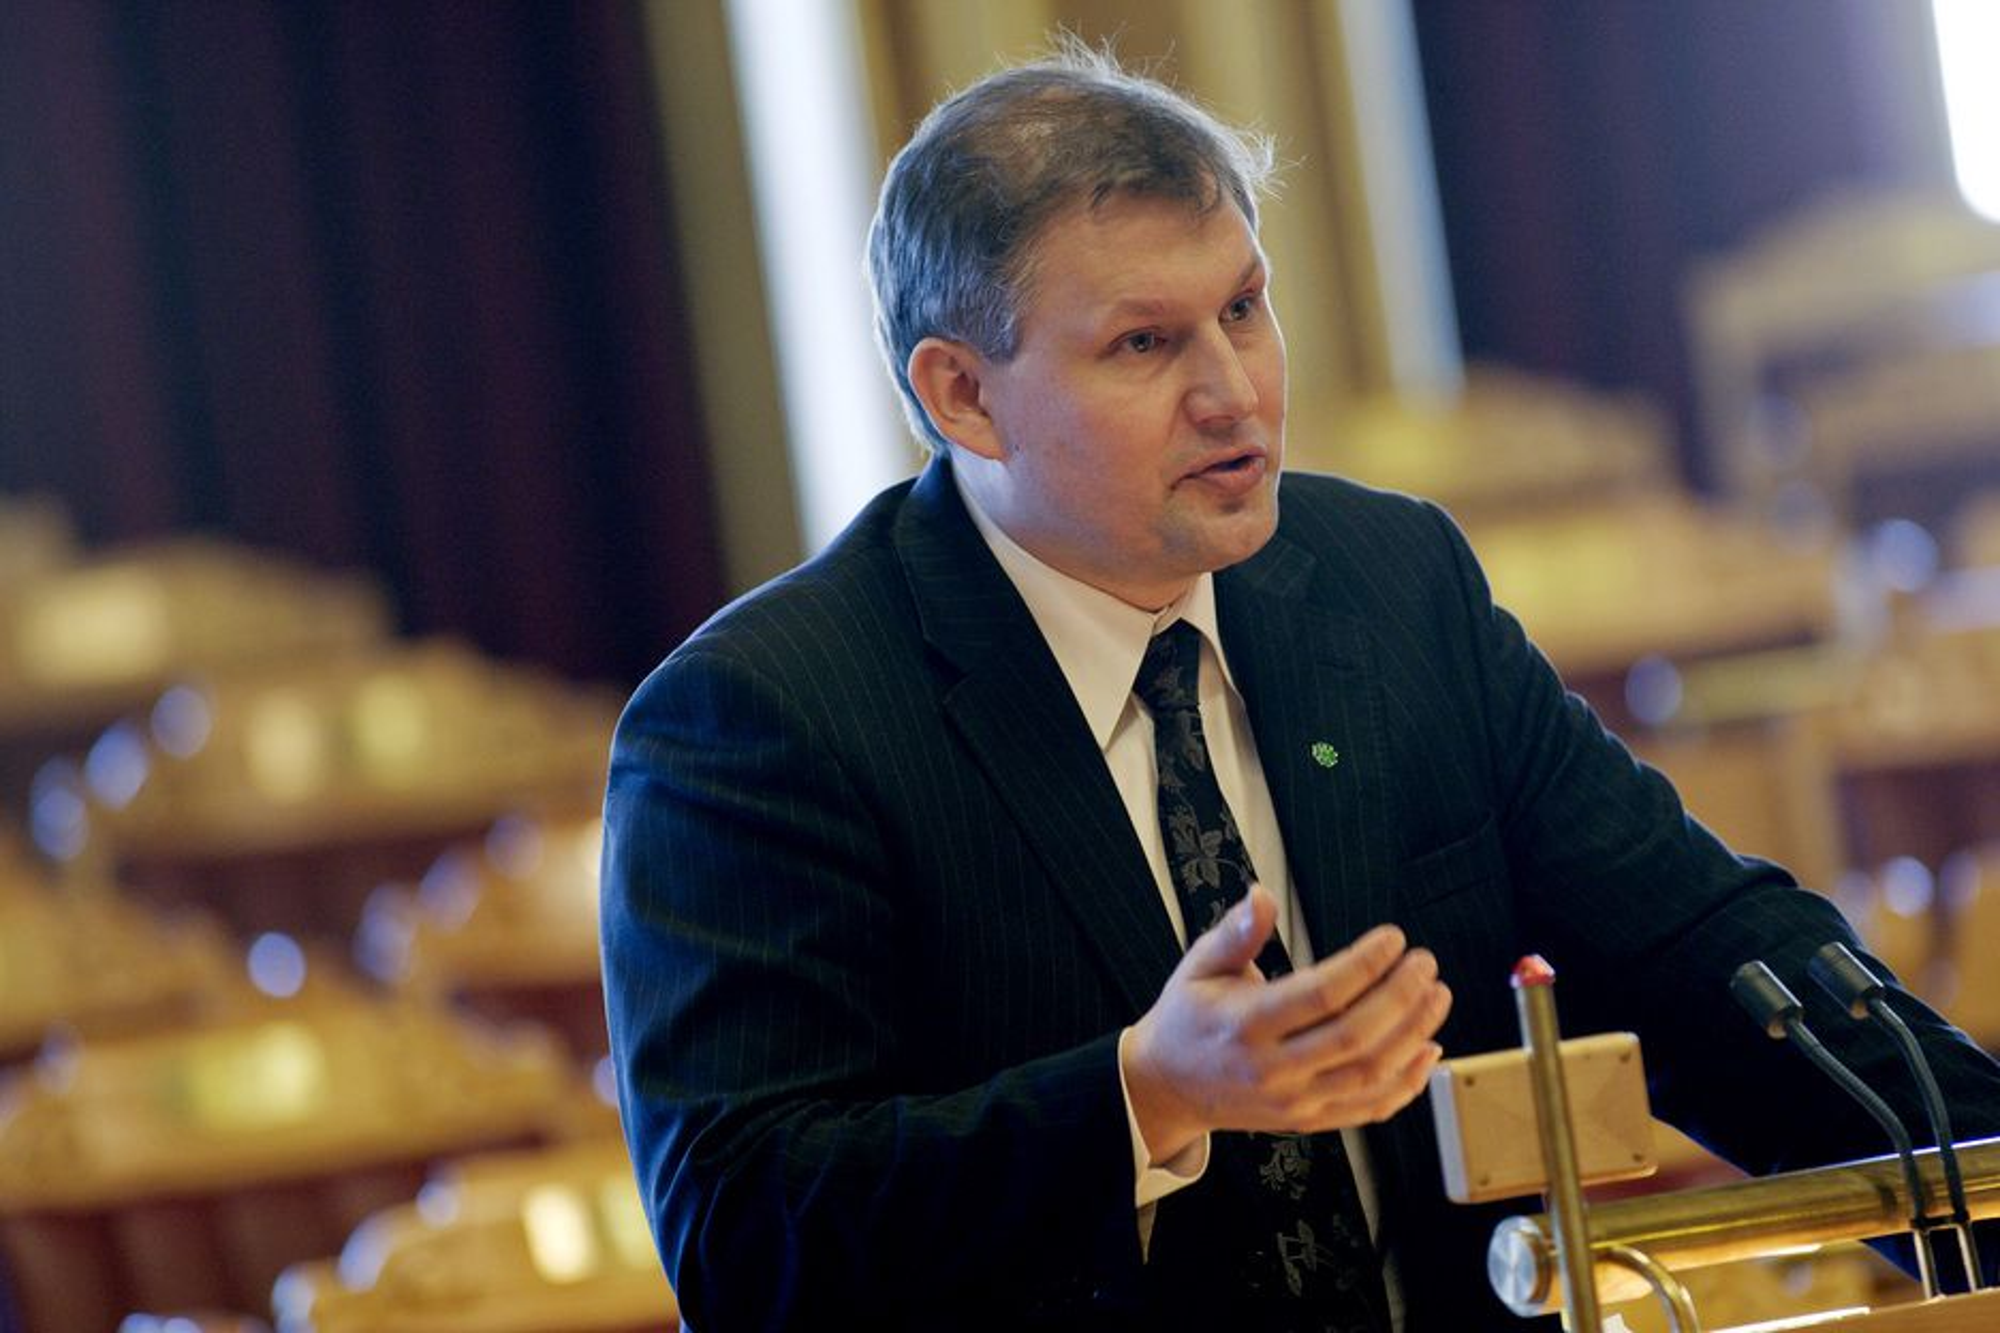 LANGE LINJER: Olje- og energiminister Terje Riis-Johansen er den tredje av sitt slag i denne stortingsperioden. Opposisjonen anklager regjeringen for å føre en kortsiktig energipolitikk.